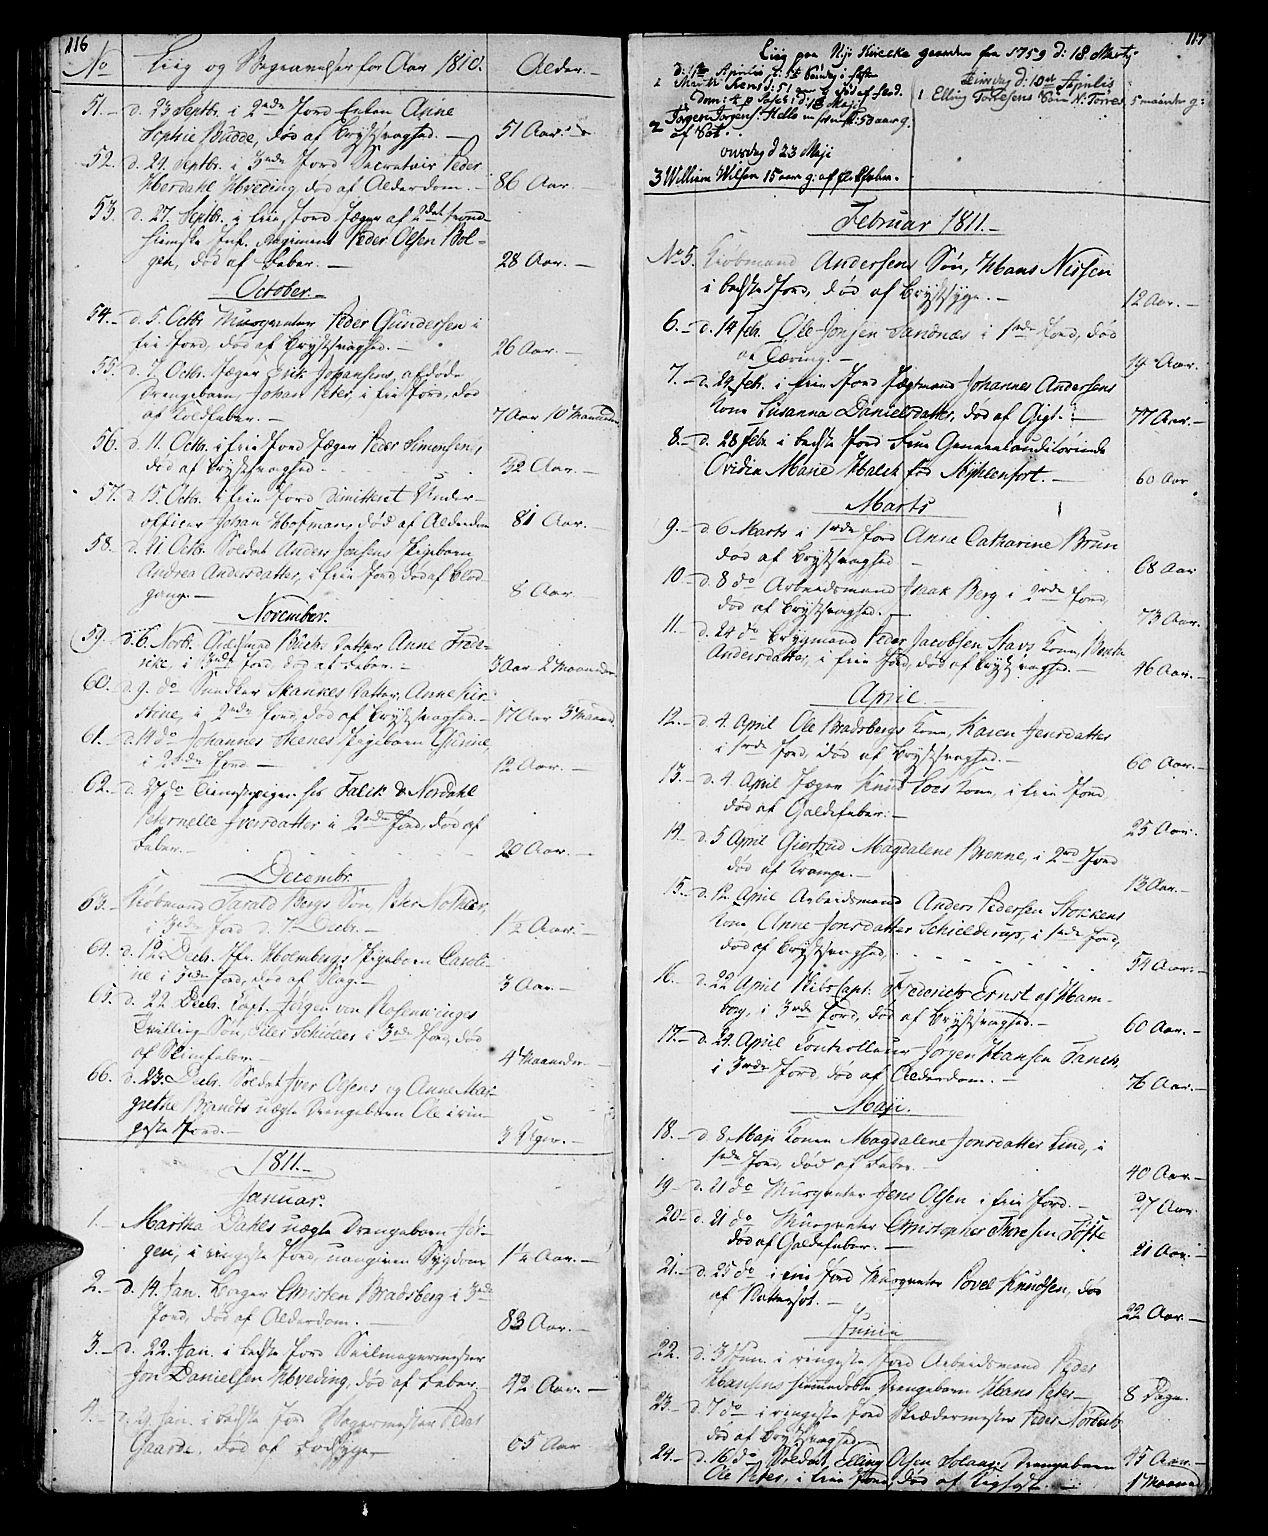 SAT, Ministerialprotokoller, klokkerbøker og fødselsregistre - Sør-Trøndelag, 602/L0134: Klokkerbok nr. 602C02, 1759-1812, s. 116-117